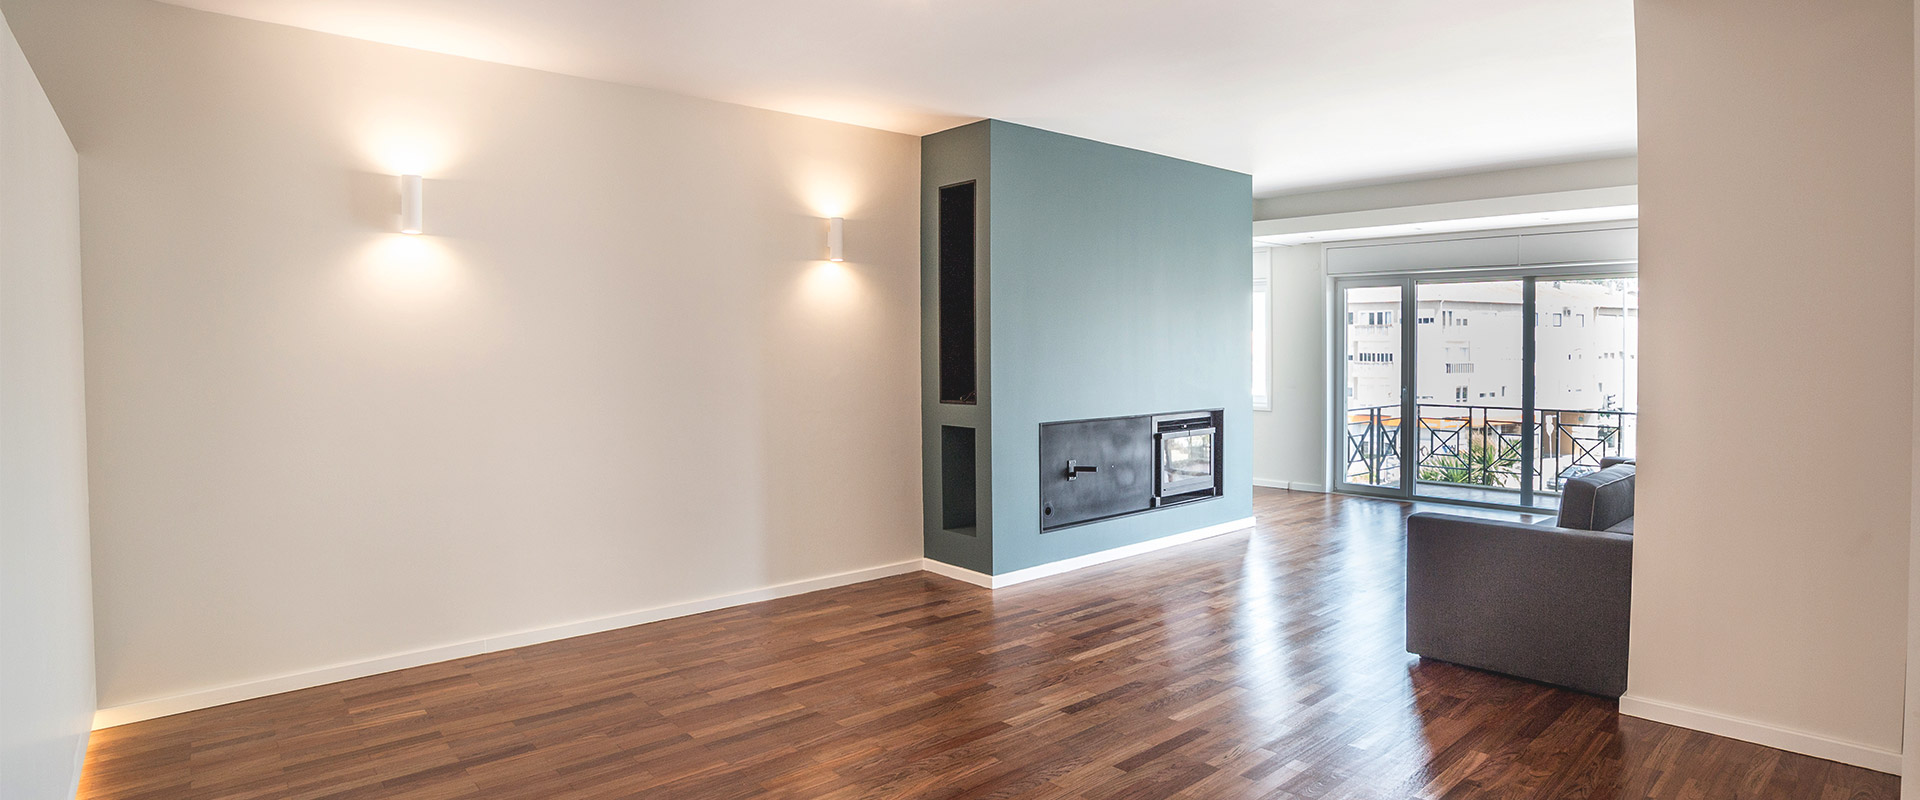 Obras de remodelação em apartamento, apartamento remodelado, remodelação de sala, remodelações de casa, remodelação de sala grande